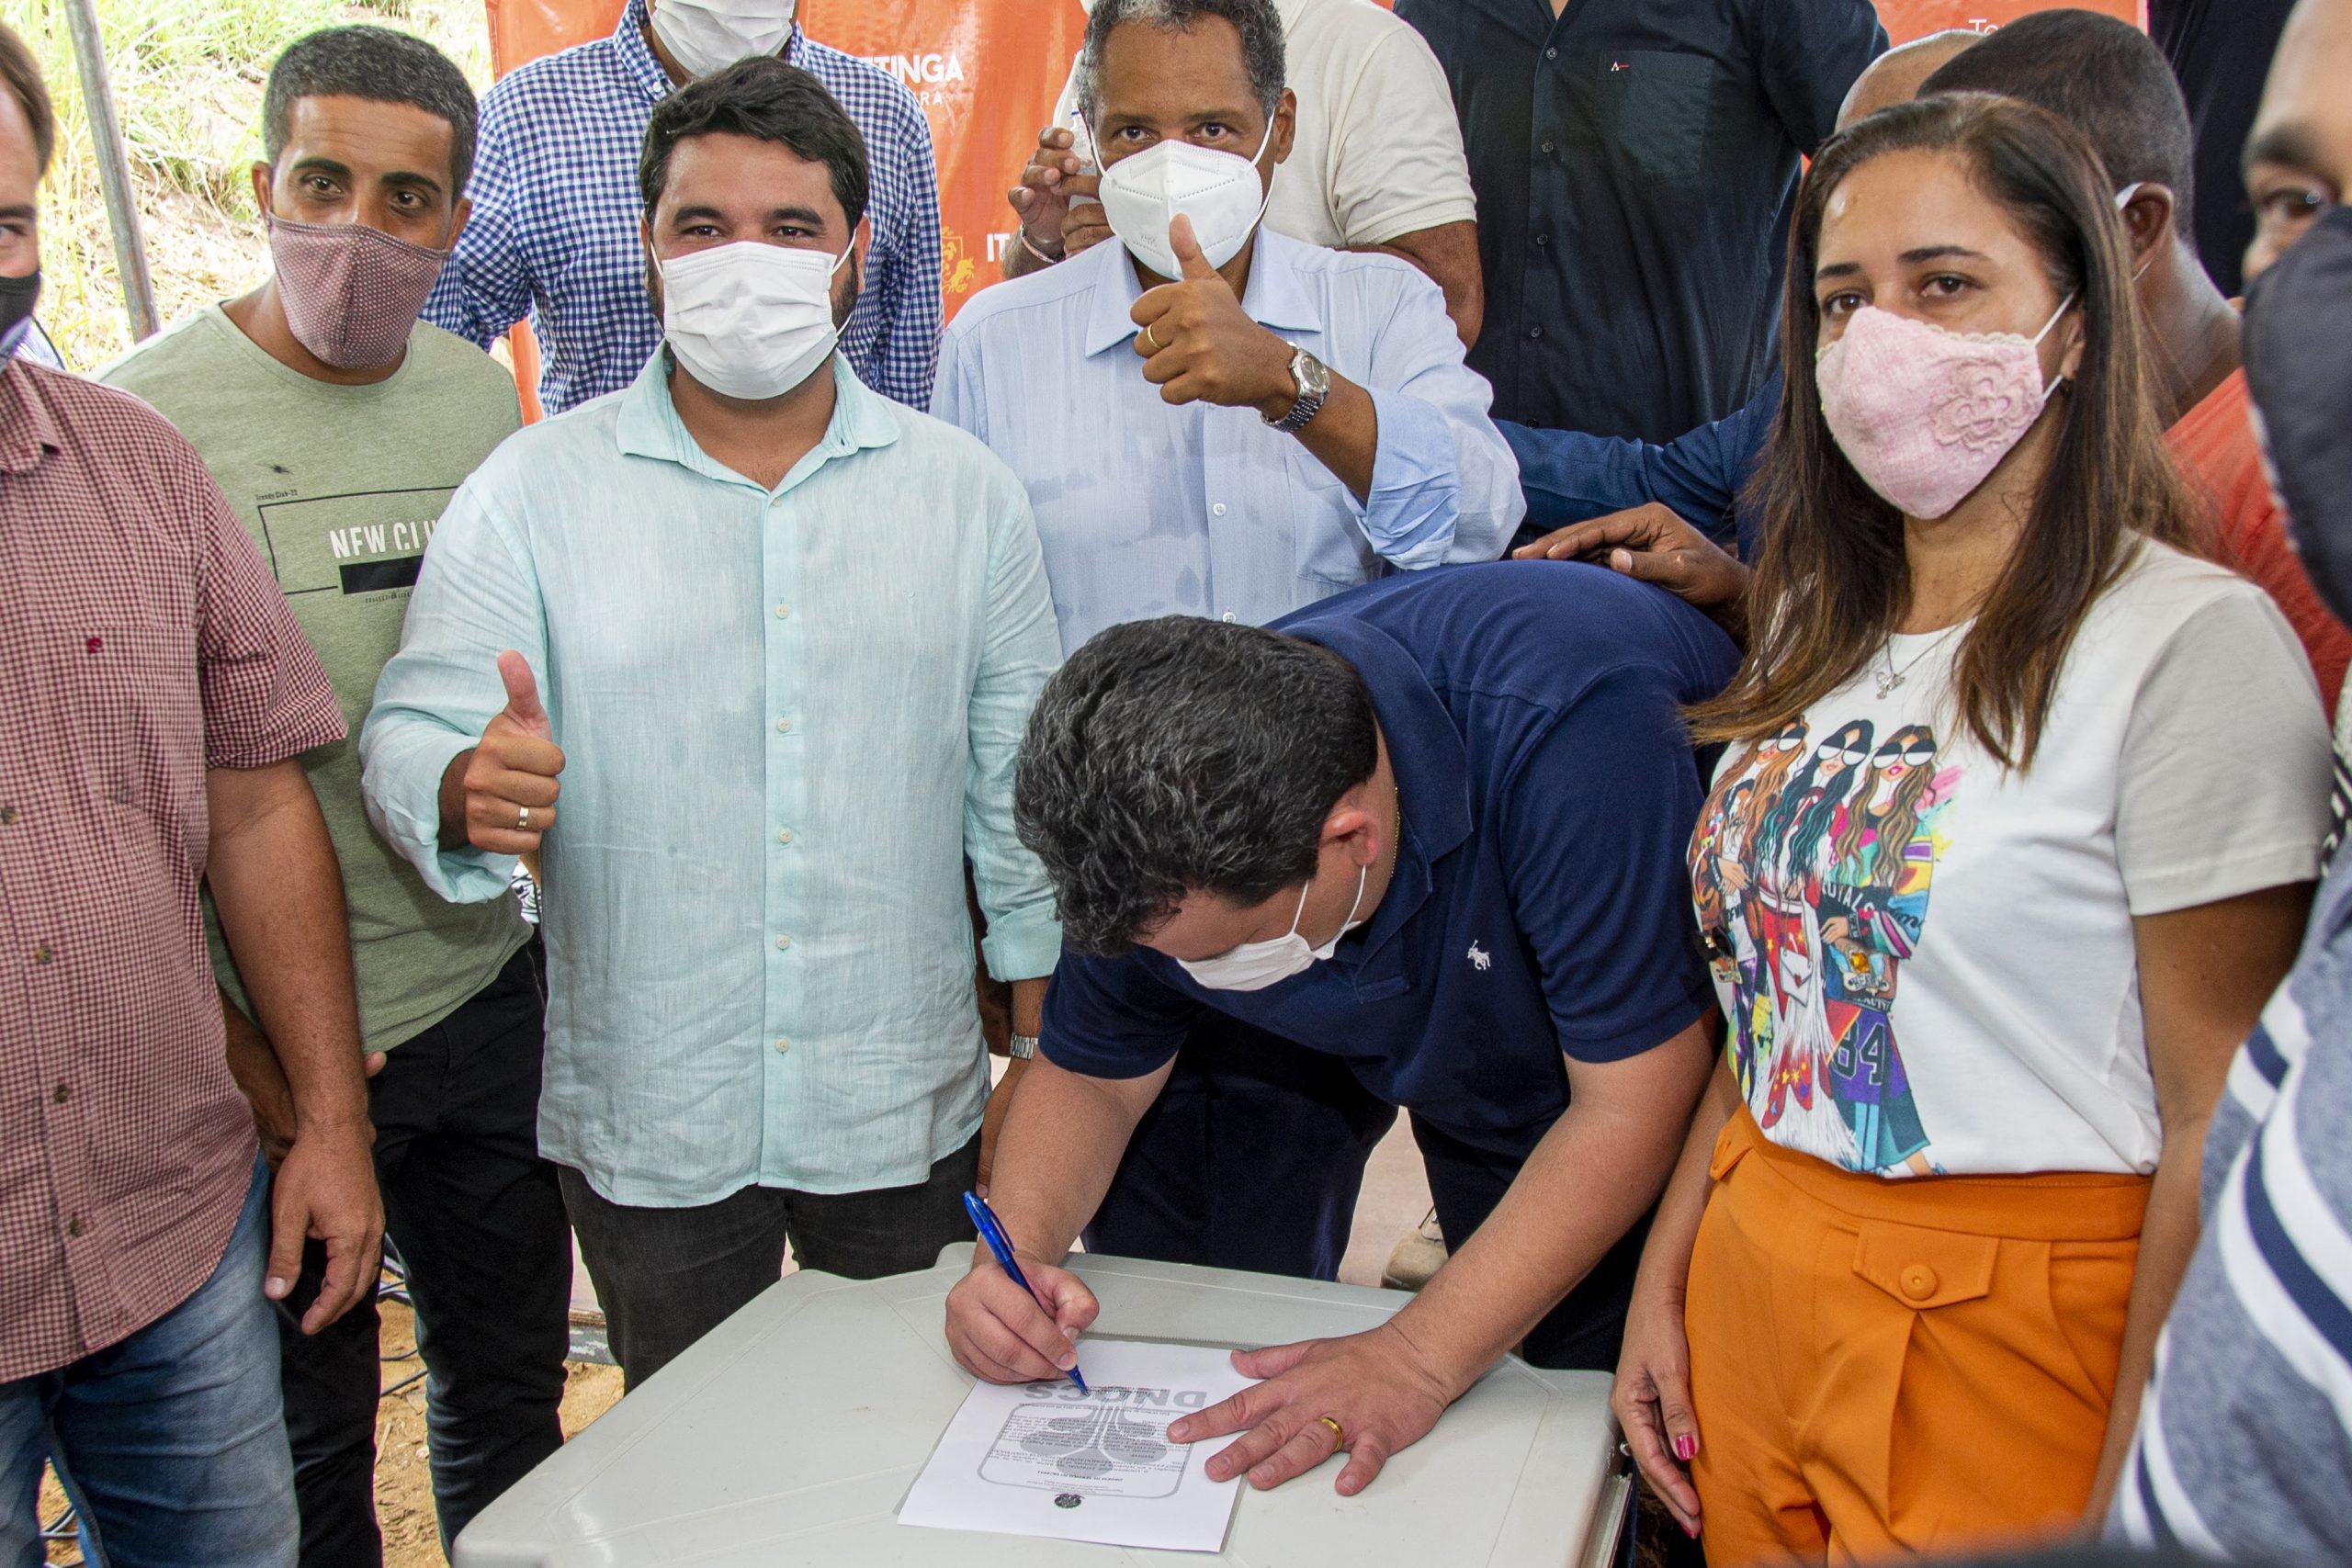 Itapetinga: Vereadora Manu Brandão acompanha assinatura de ordem de serviço para início dos trabalhos de pavimentação no Bairro Quintas do Sul